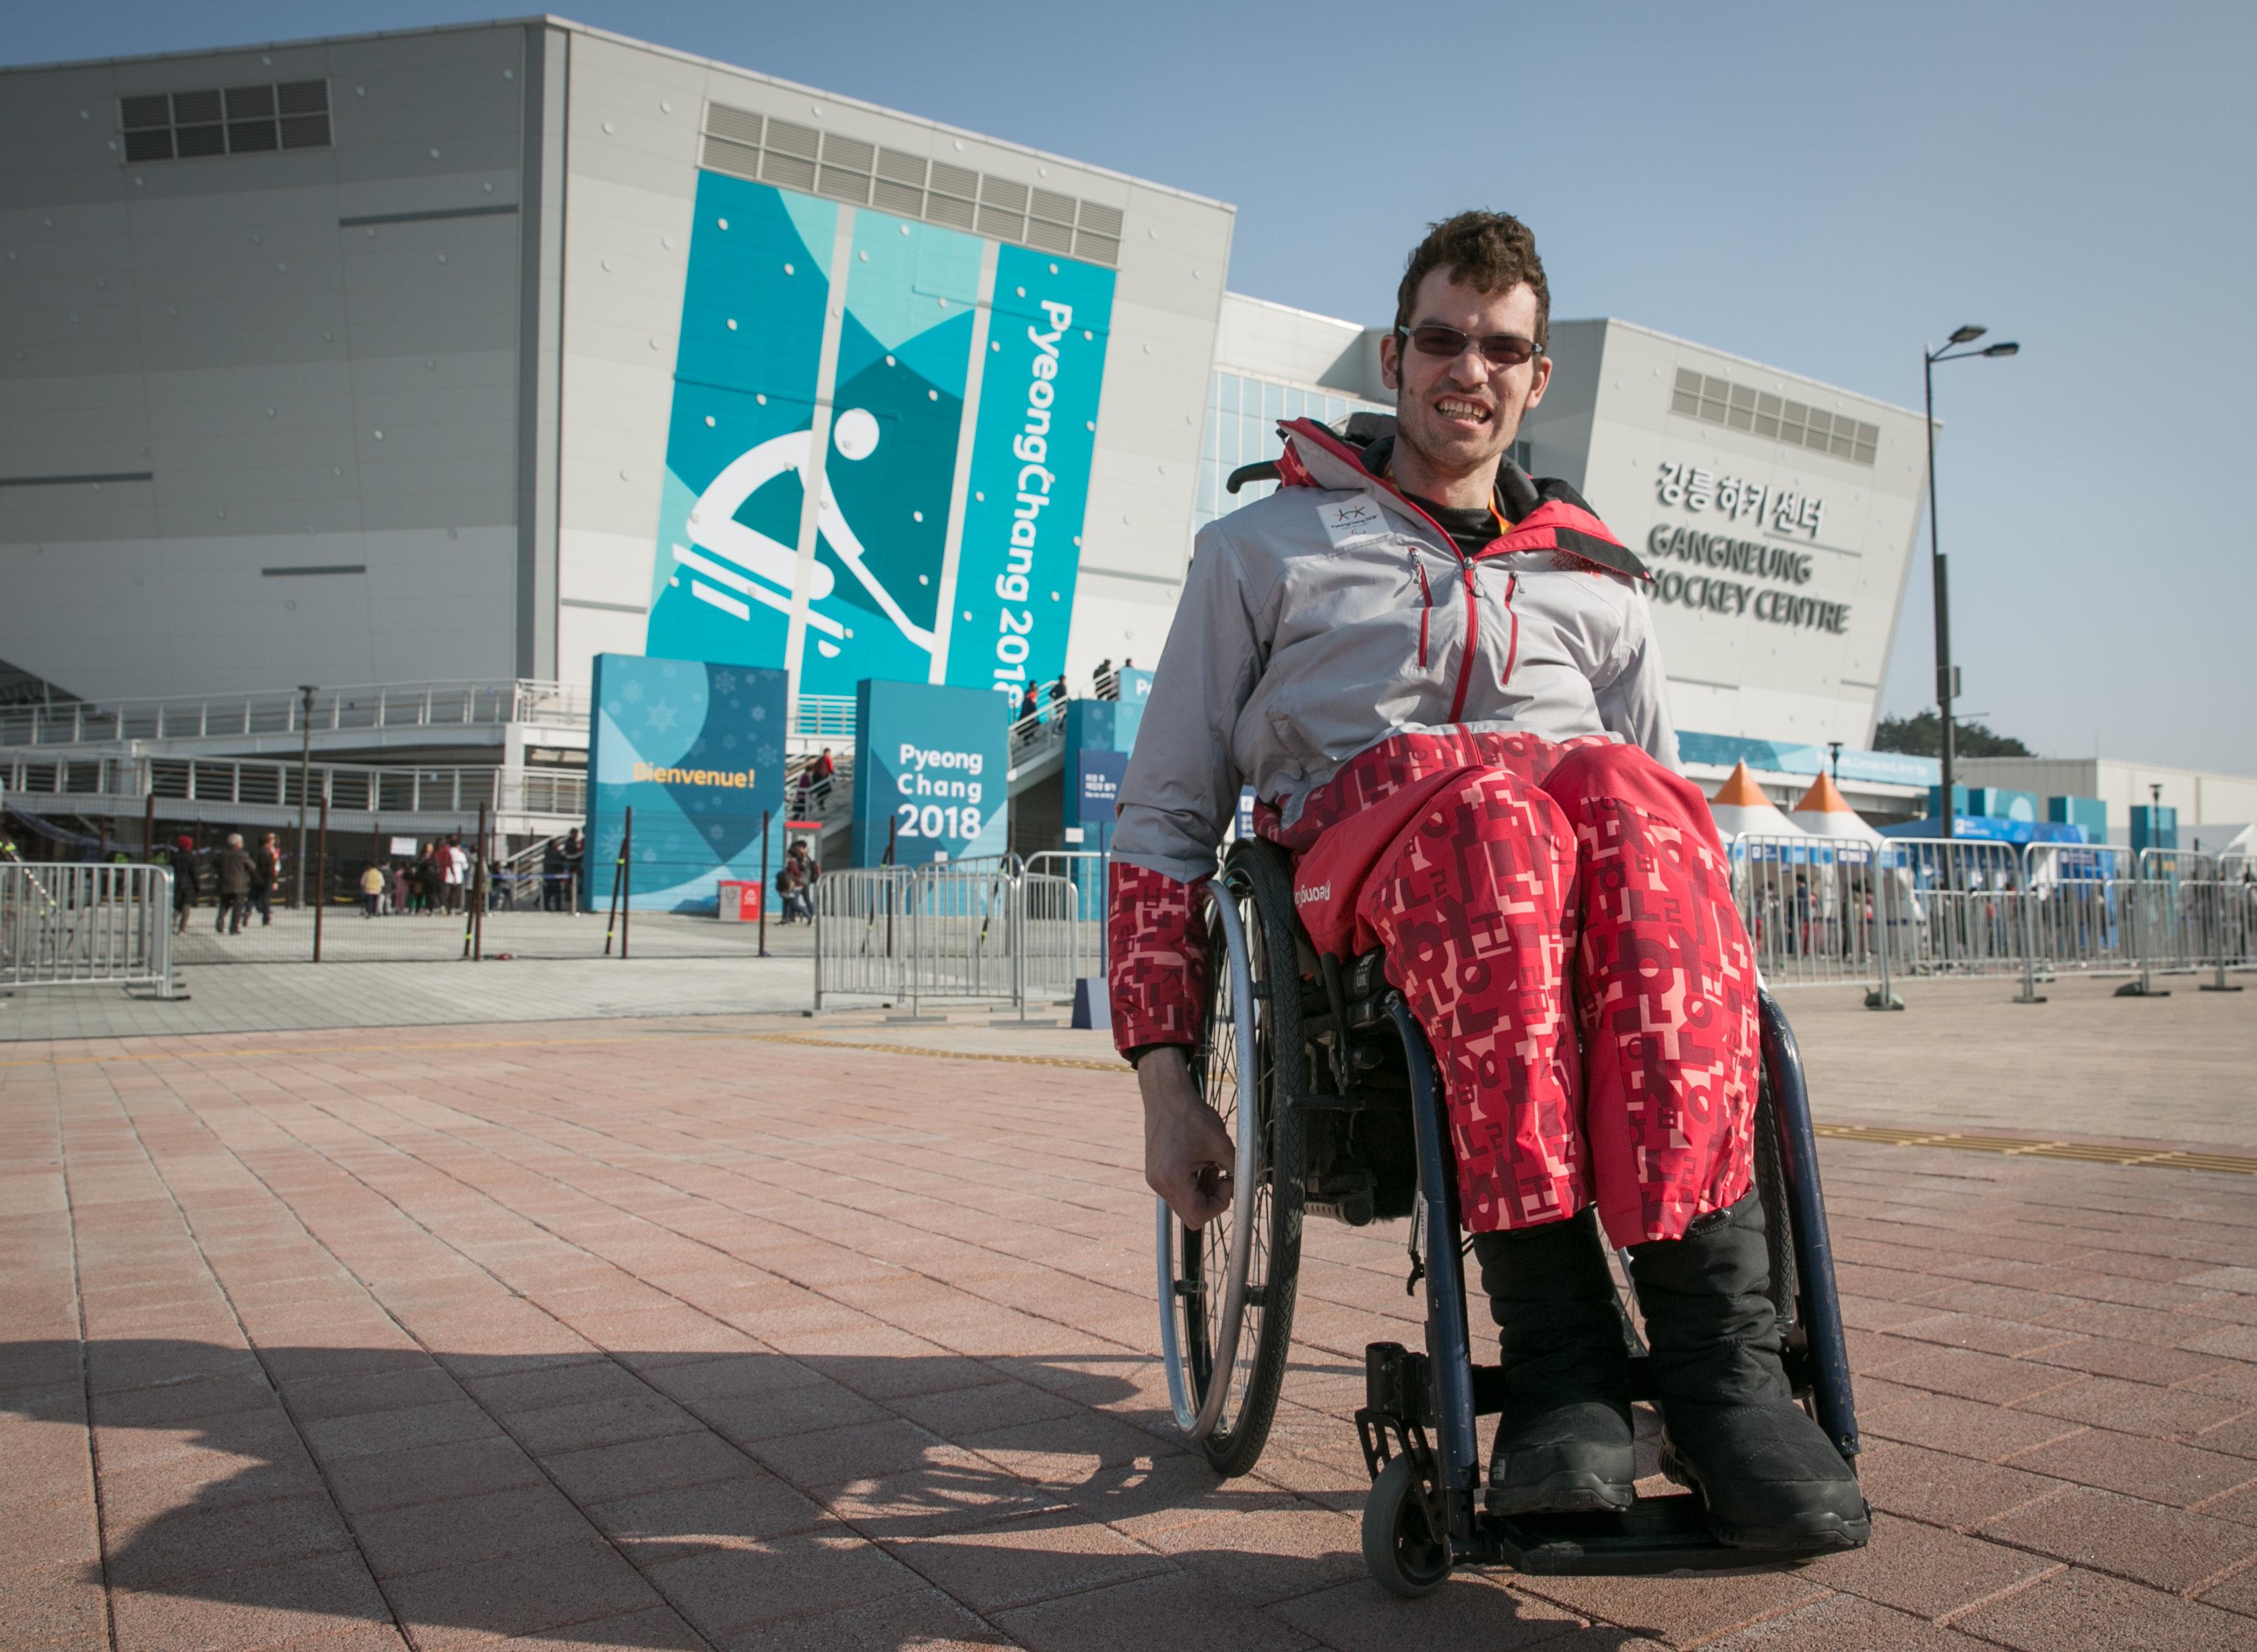 독일에서 온 장애인 자원봉사자가 겪은